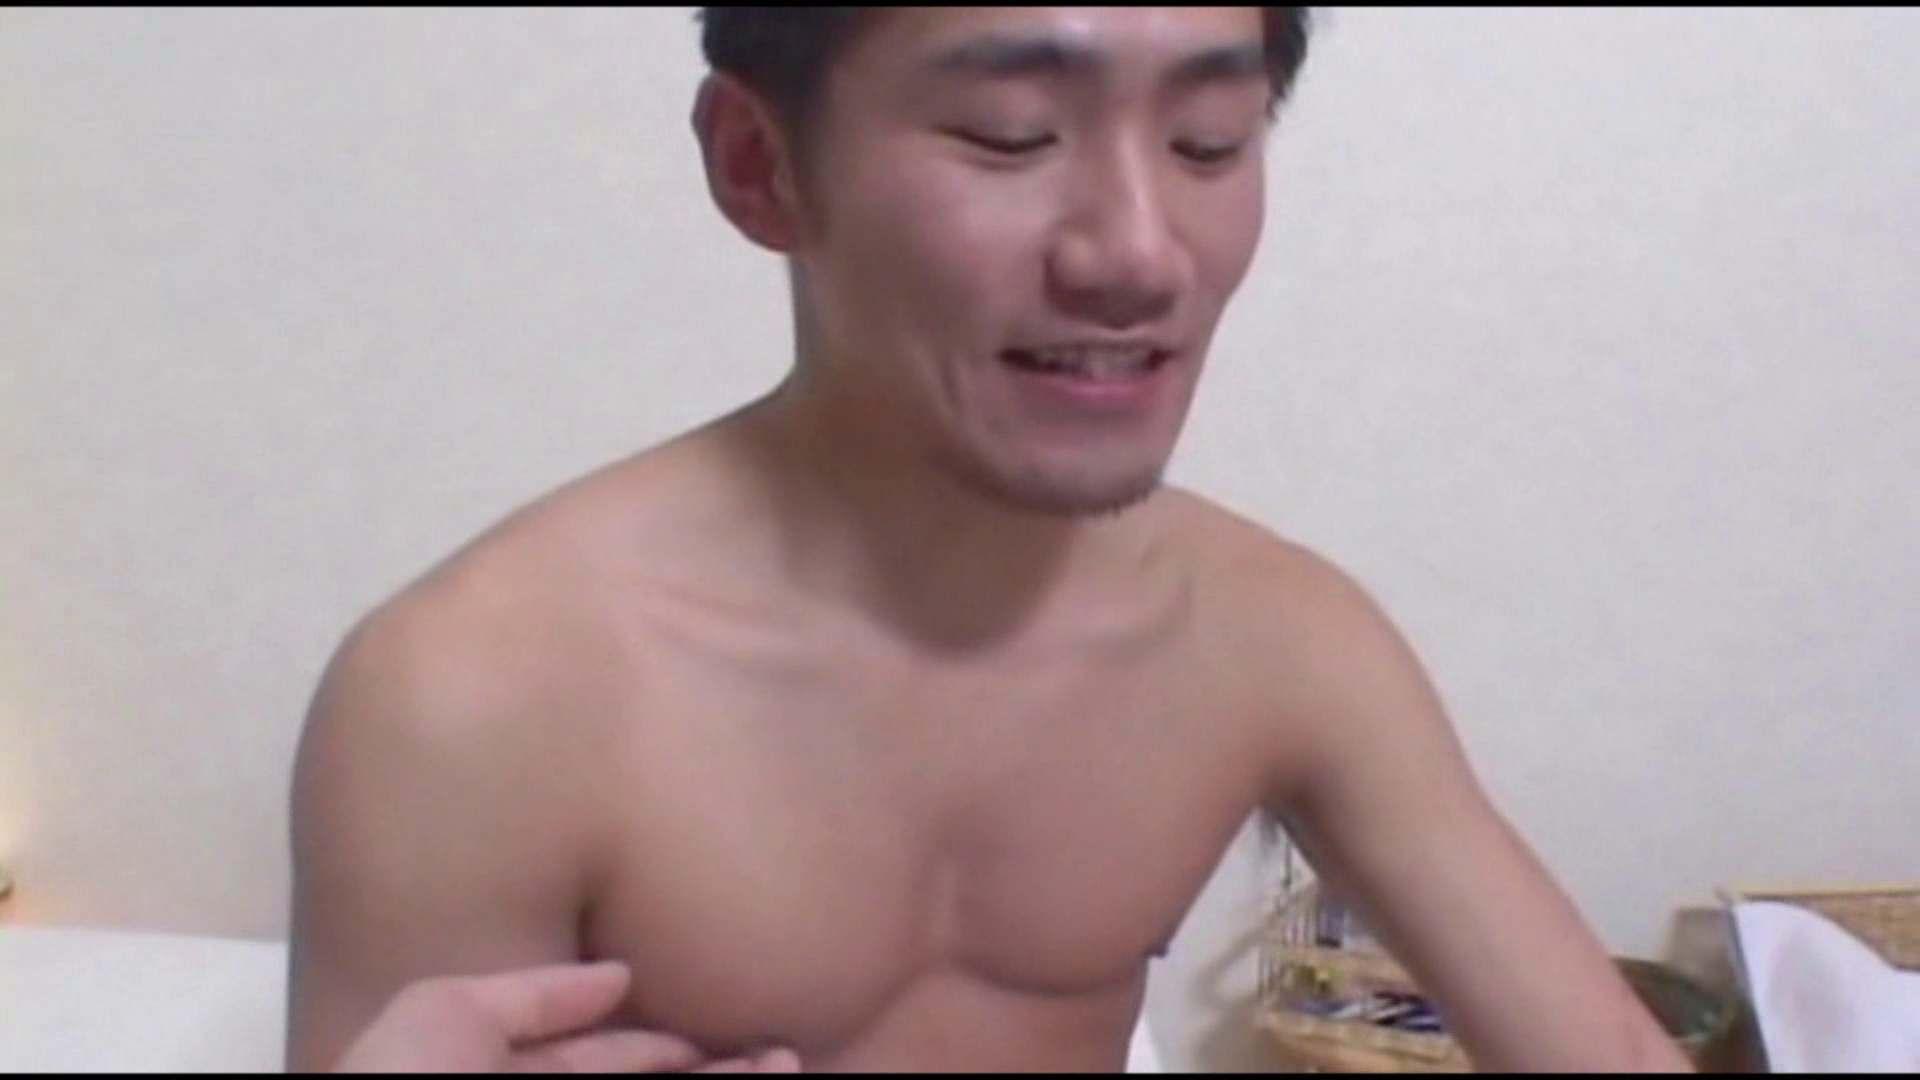 ショウ&ナオキのエロMAXファンタジーVOL.01(ショウ編) フェラ男子 ゲイ射精画像 104連発 30